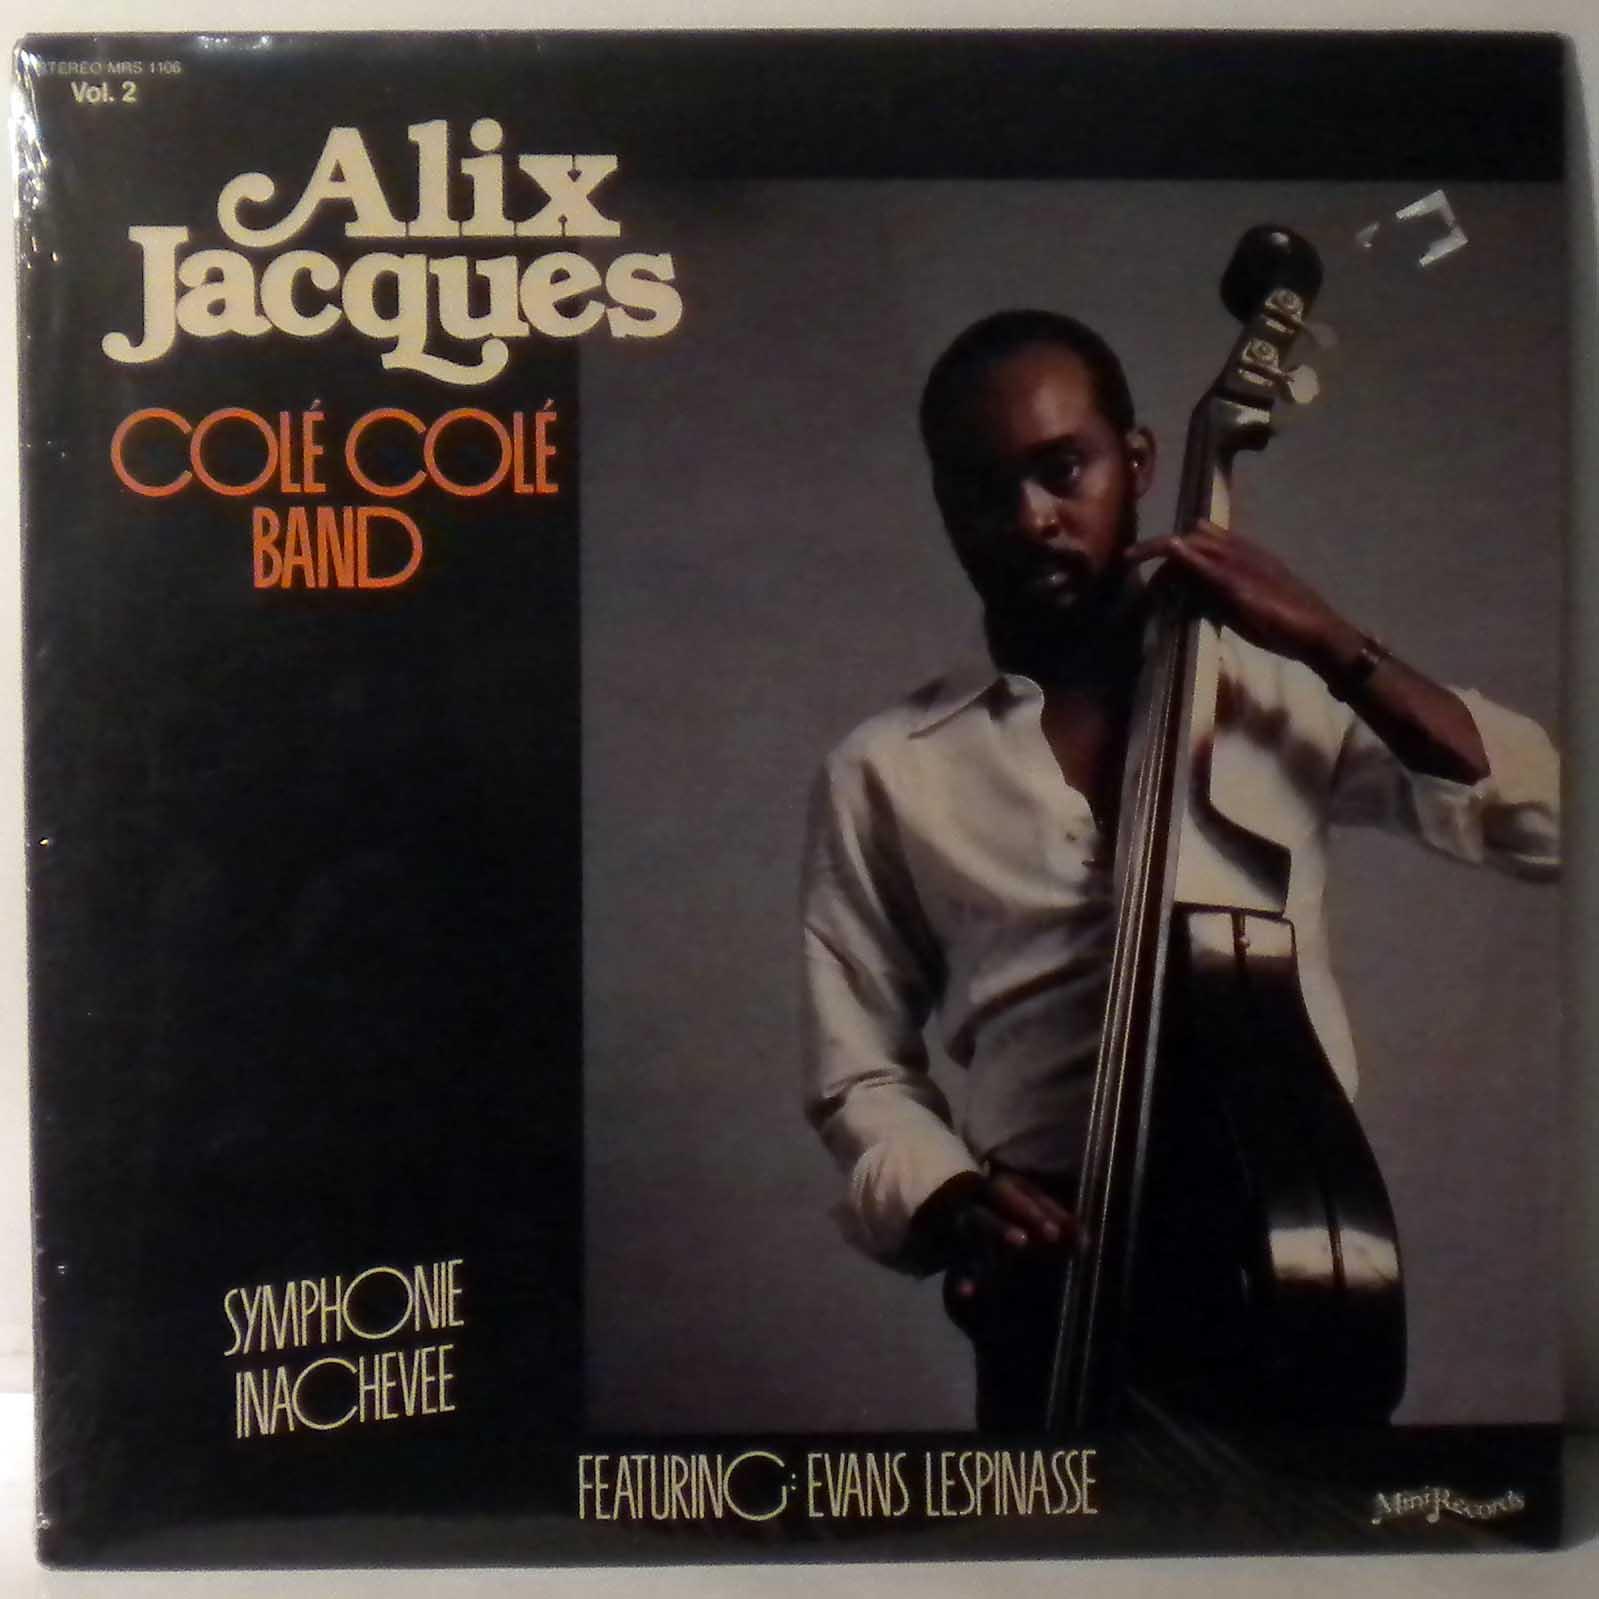 ALIX JACQUES COLE COLE BAND - Symphonie inachevee - LP